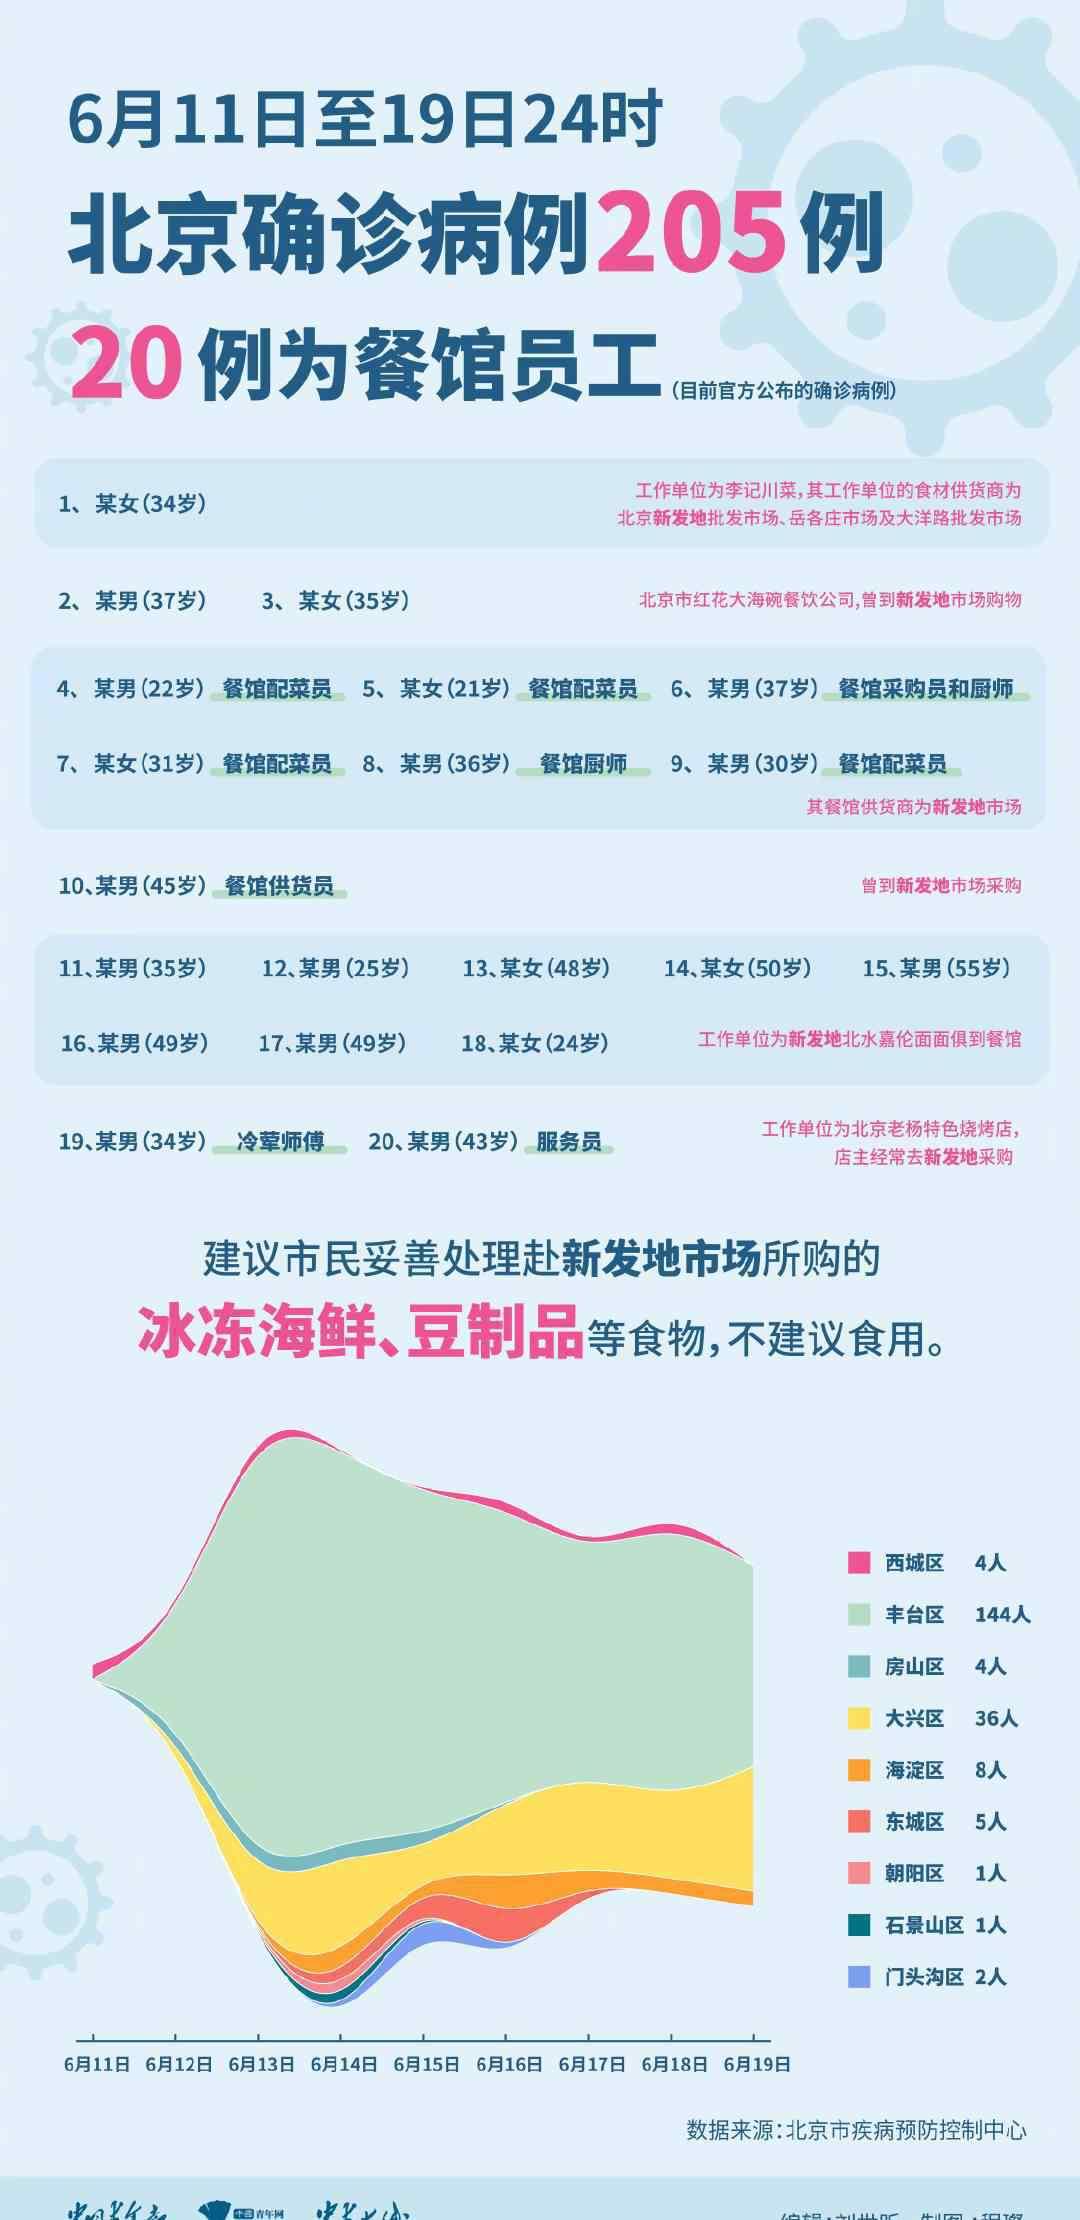 北京9日内新增确诊205例 这意味着什么?